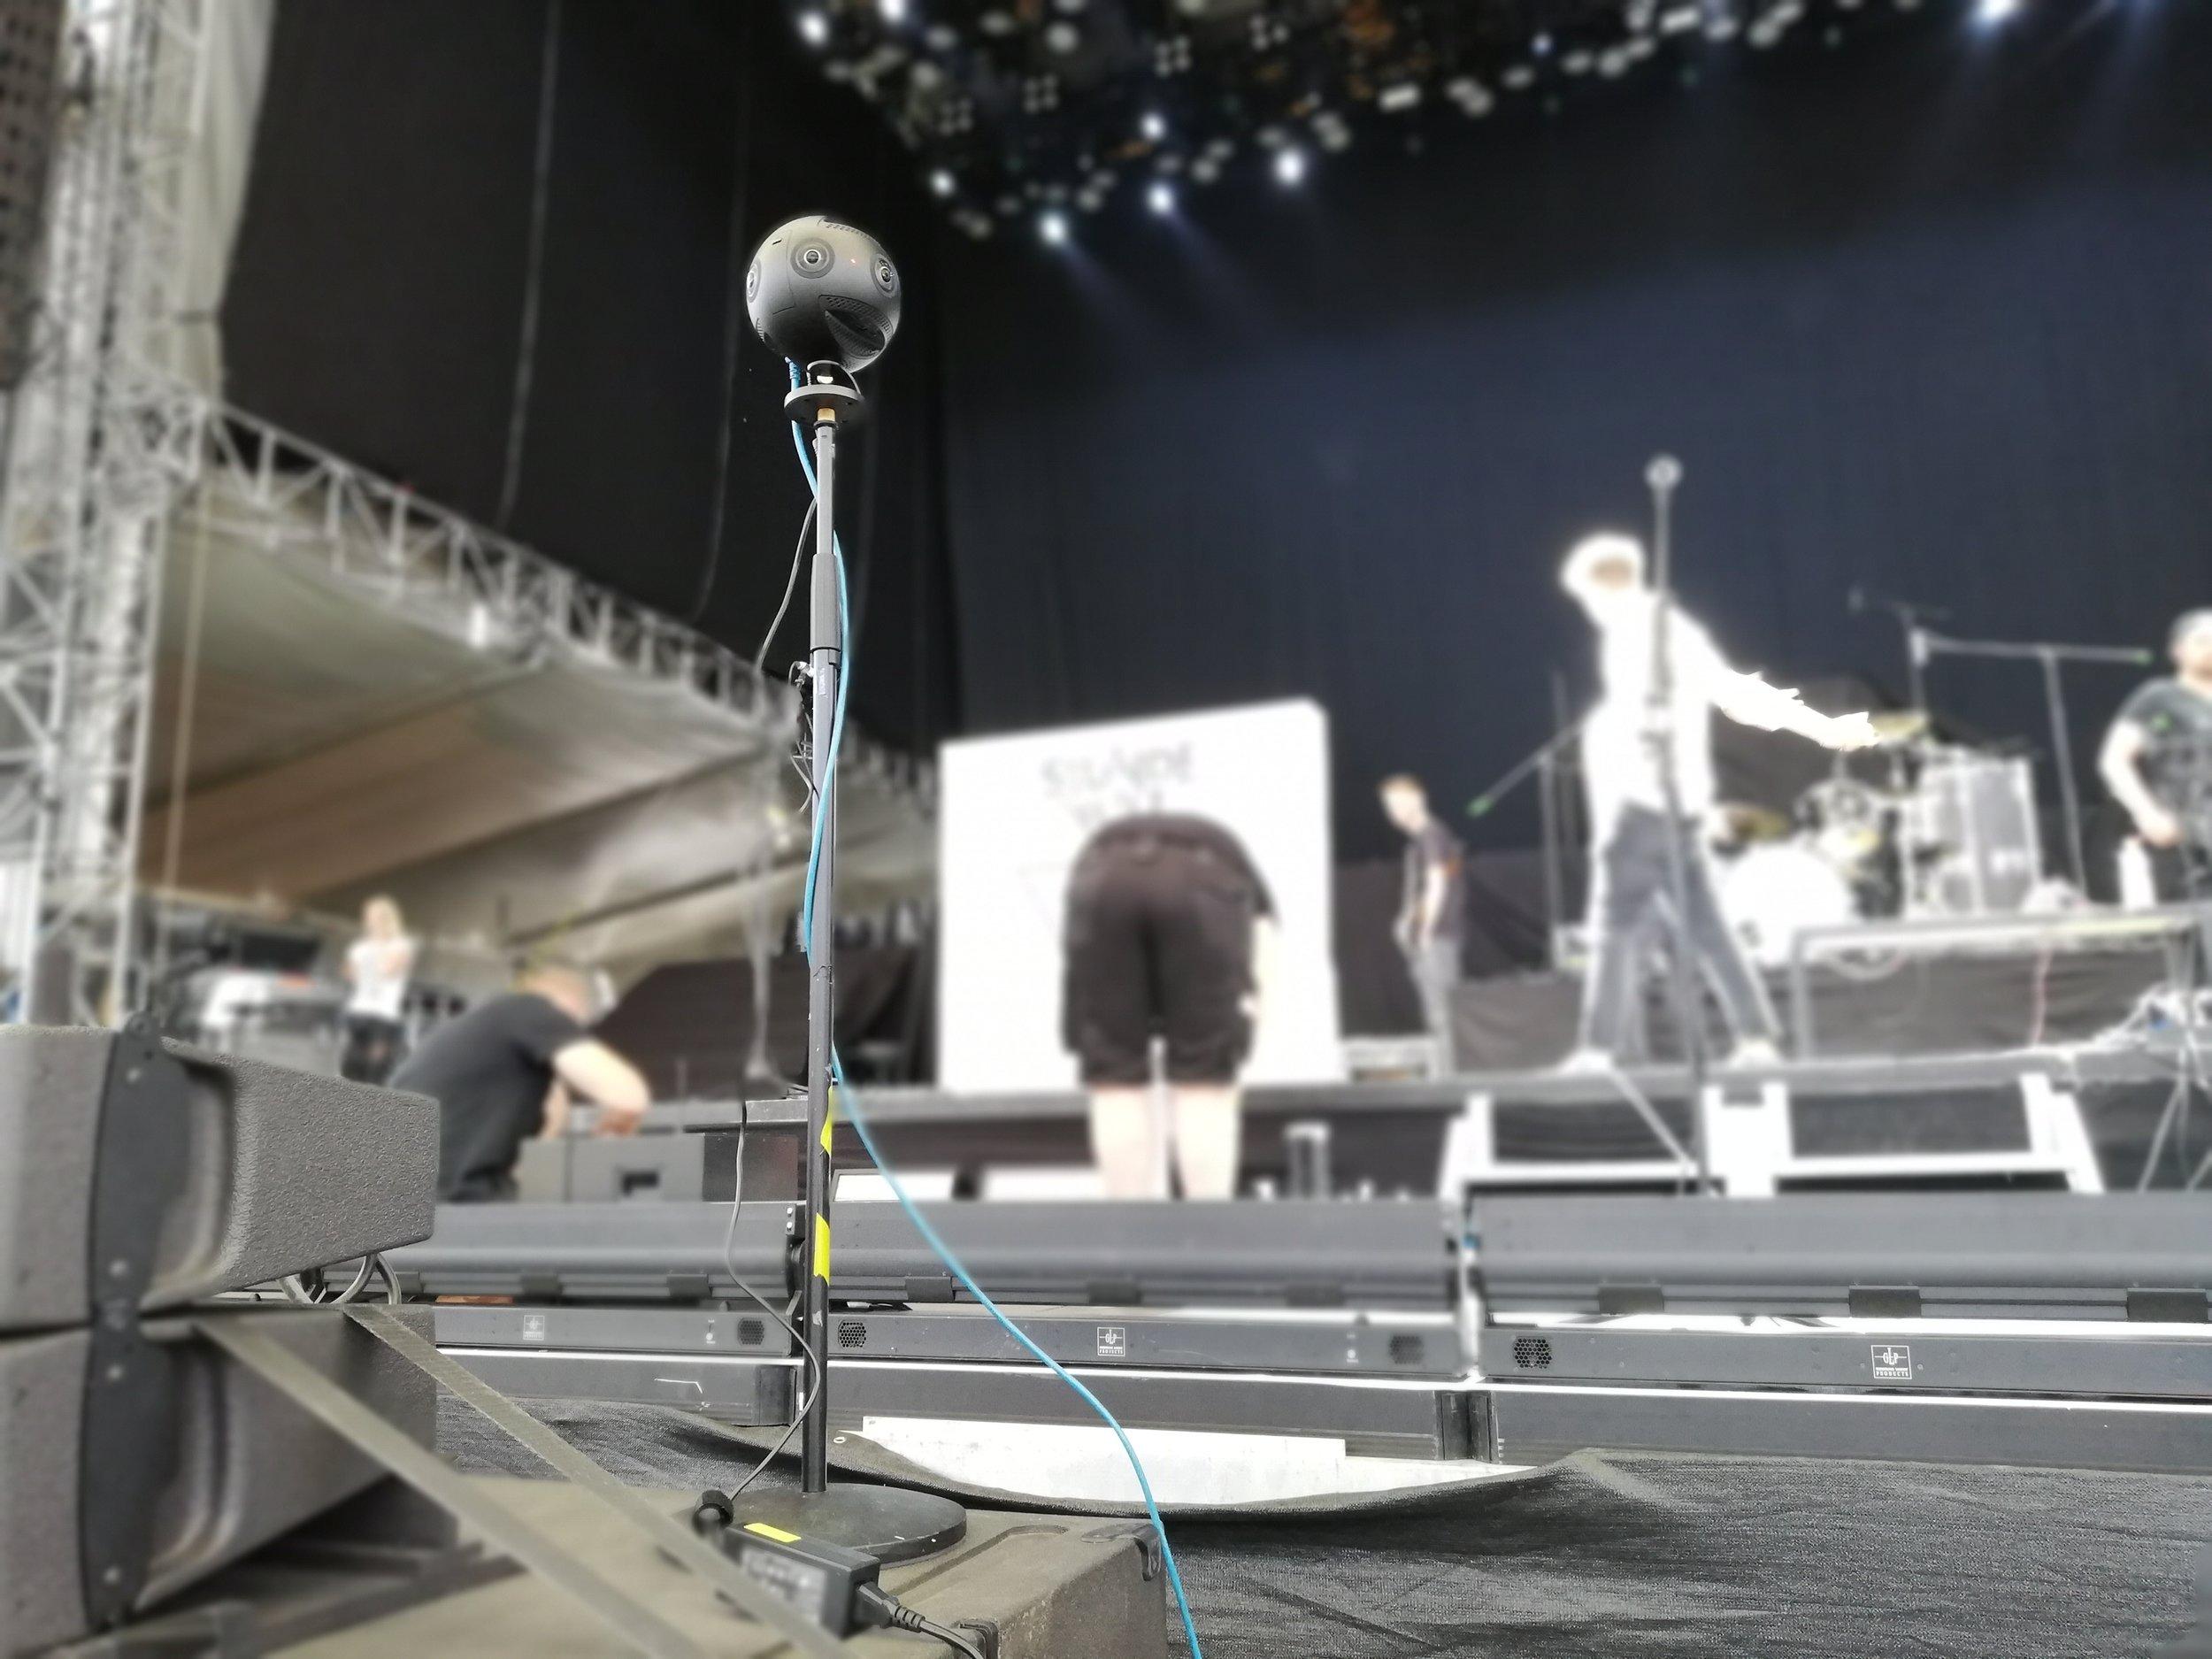 360° Kamera Insta360 Pro2 auf einem Konzert direkt an der Bühne.